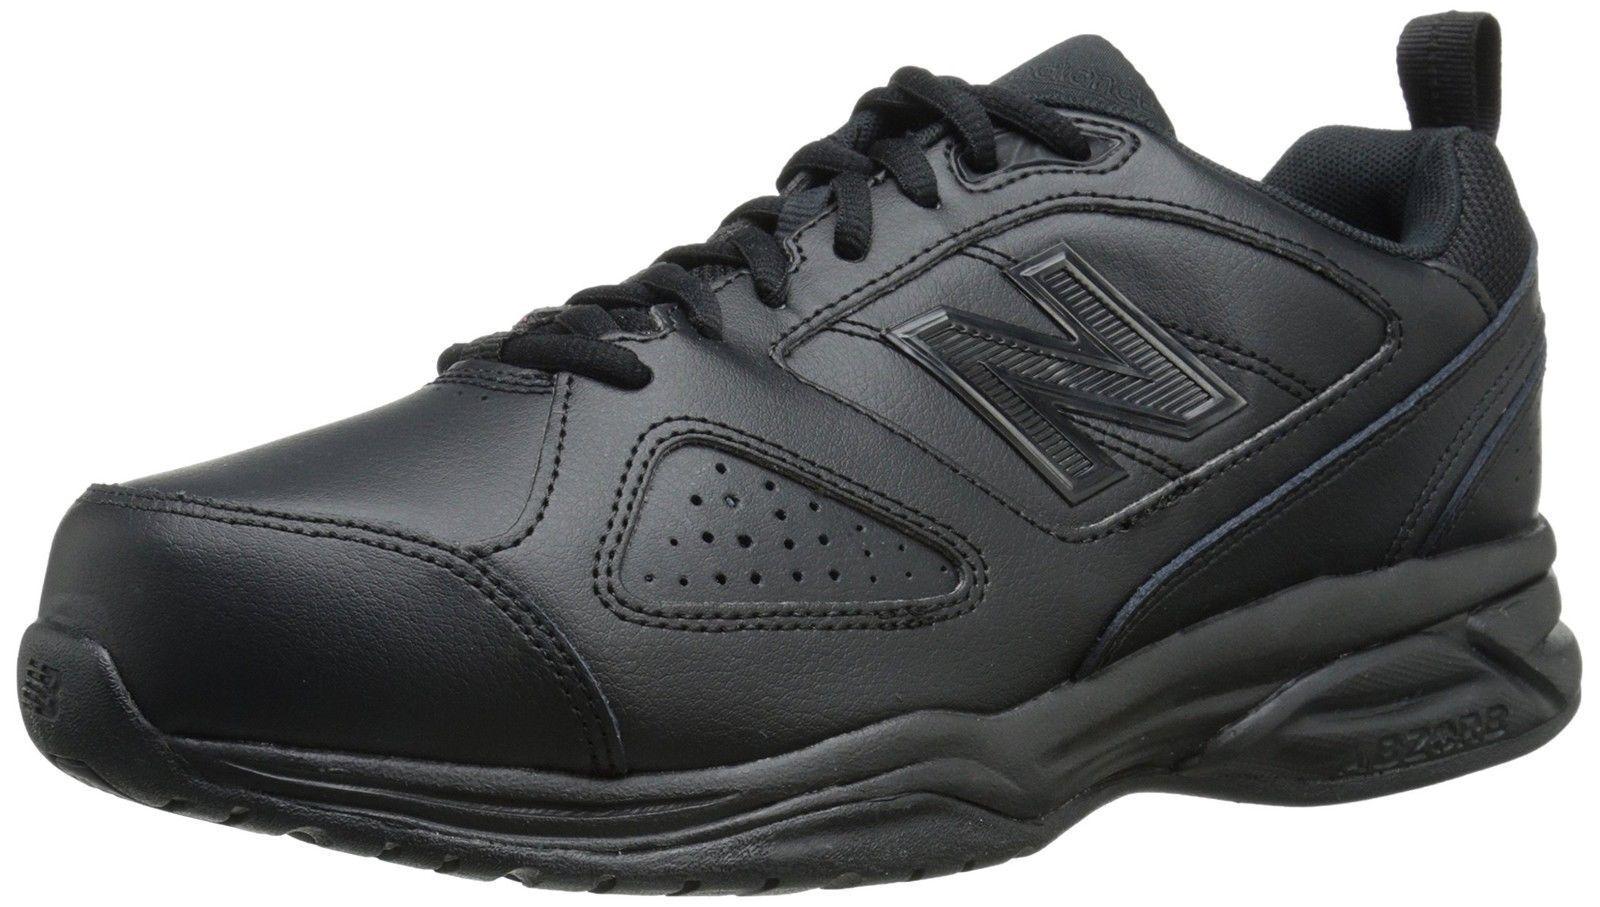 New Balance v2&v3 hommes noir MX623 v2&v3 Balance Cross-Training Chaussures Widths Available 9e69bd